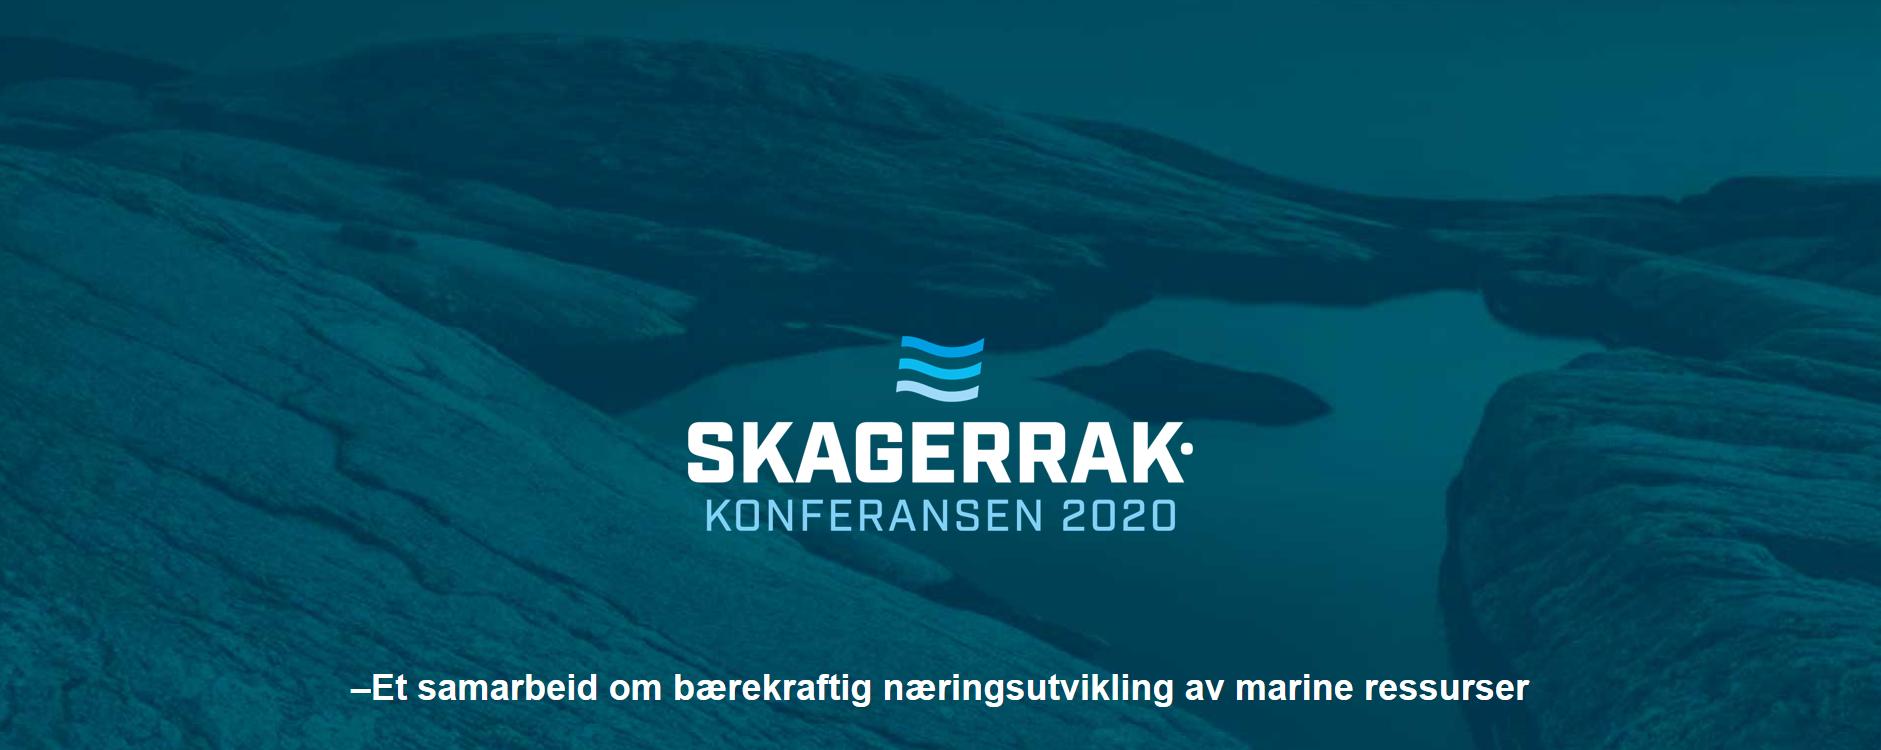 Hybridkonferens som sätter Skagerraks möjligheter i fokus